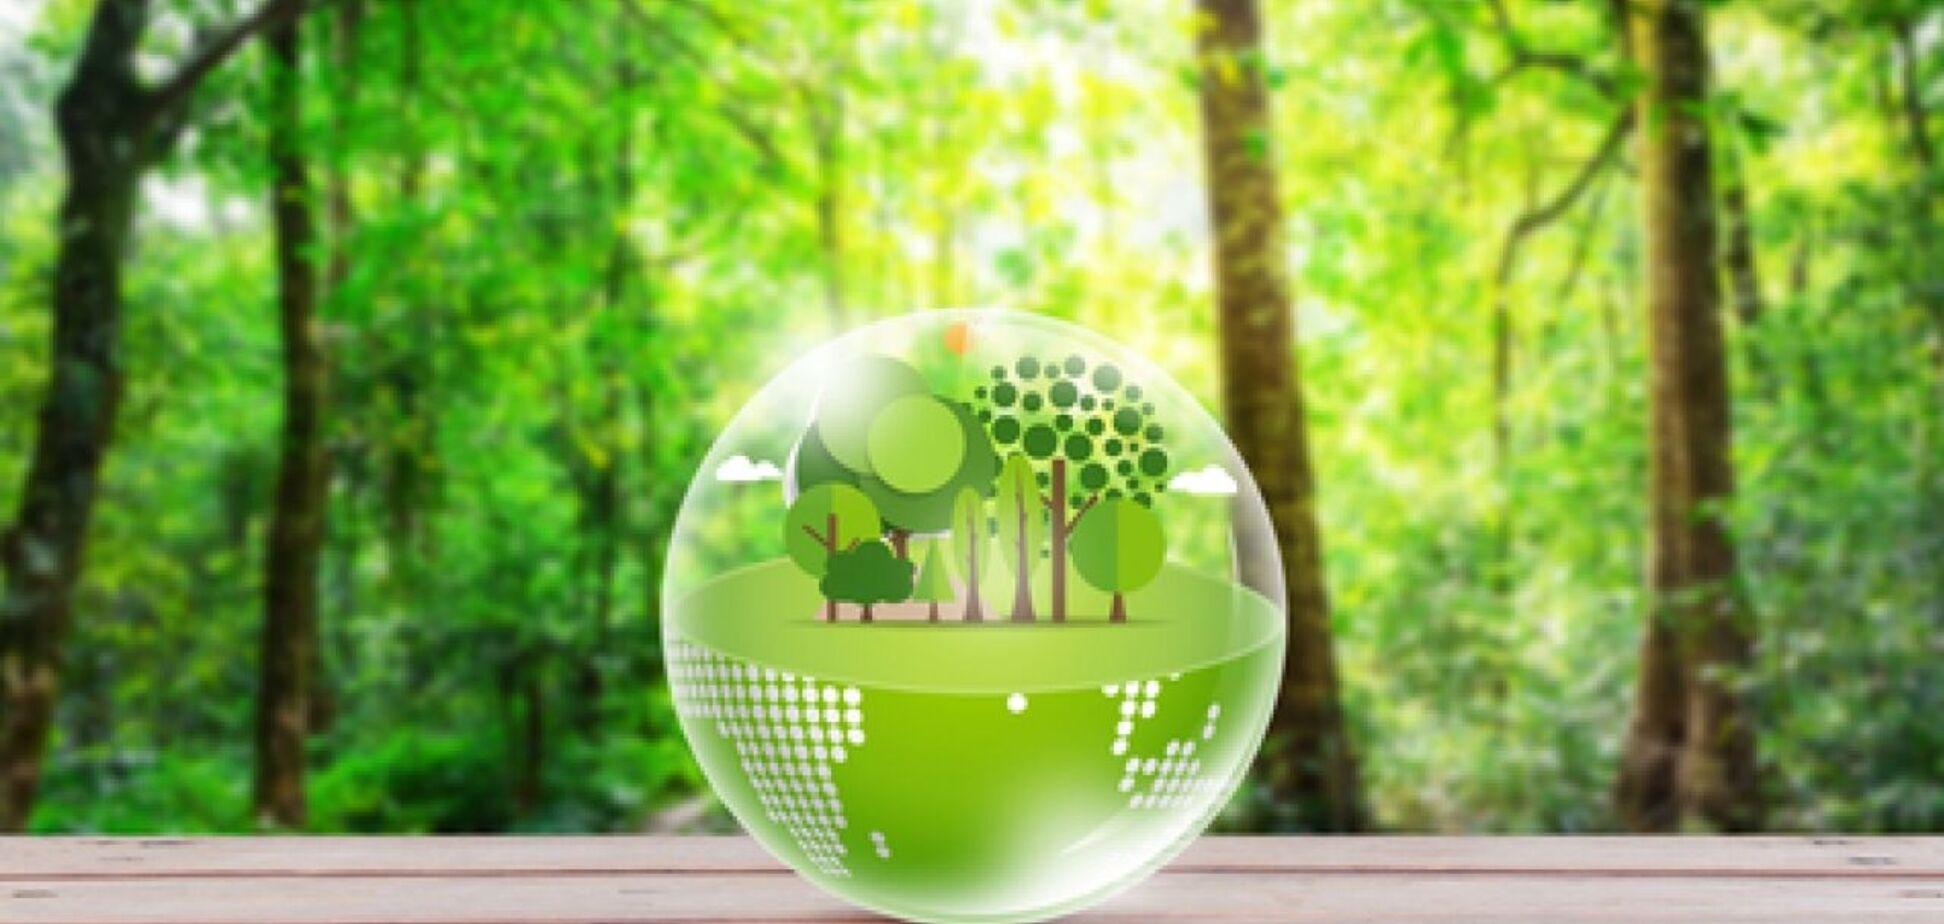 Змінюємо світ разом: НБУ впроваджує ініціативи у сфері 'зелених' фінансів